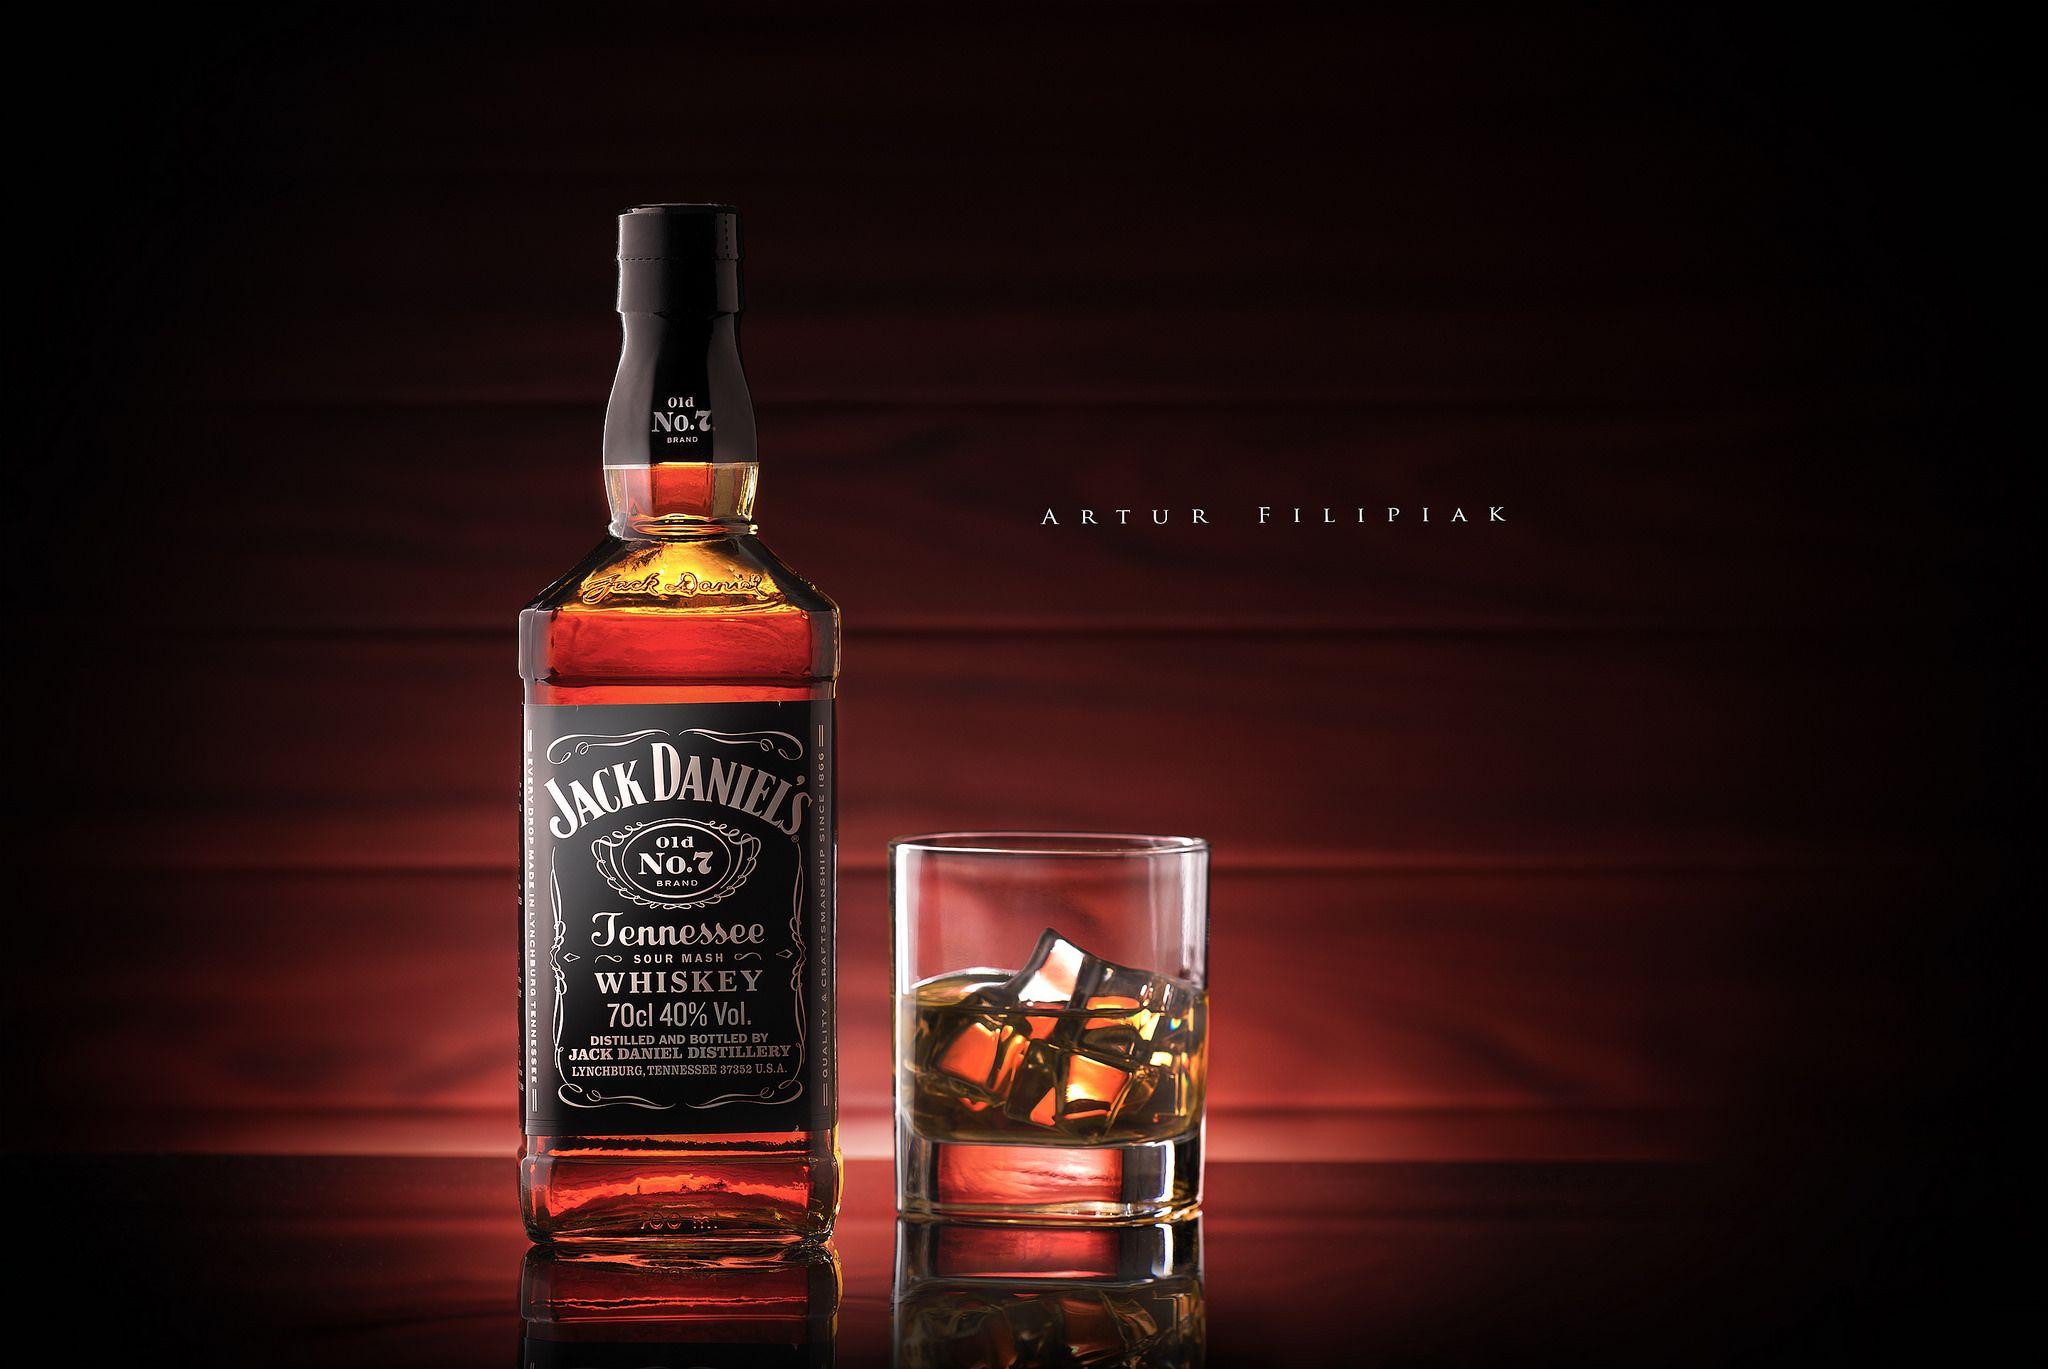 Jack Dniel S Whiskey Bottle Jack Daniels Whiskey Bottle Tennessee Whiskey